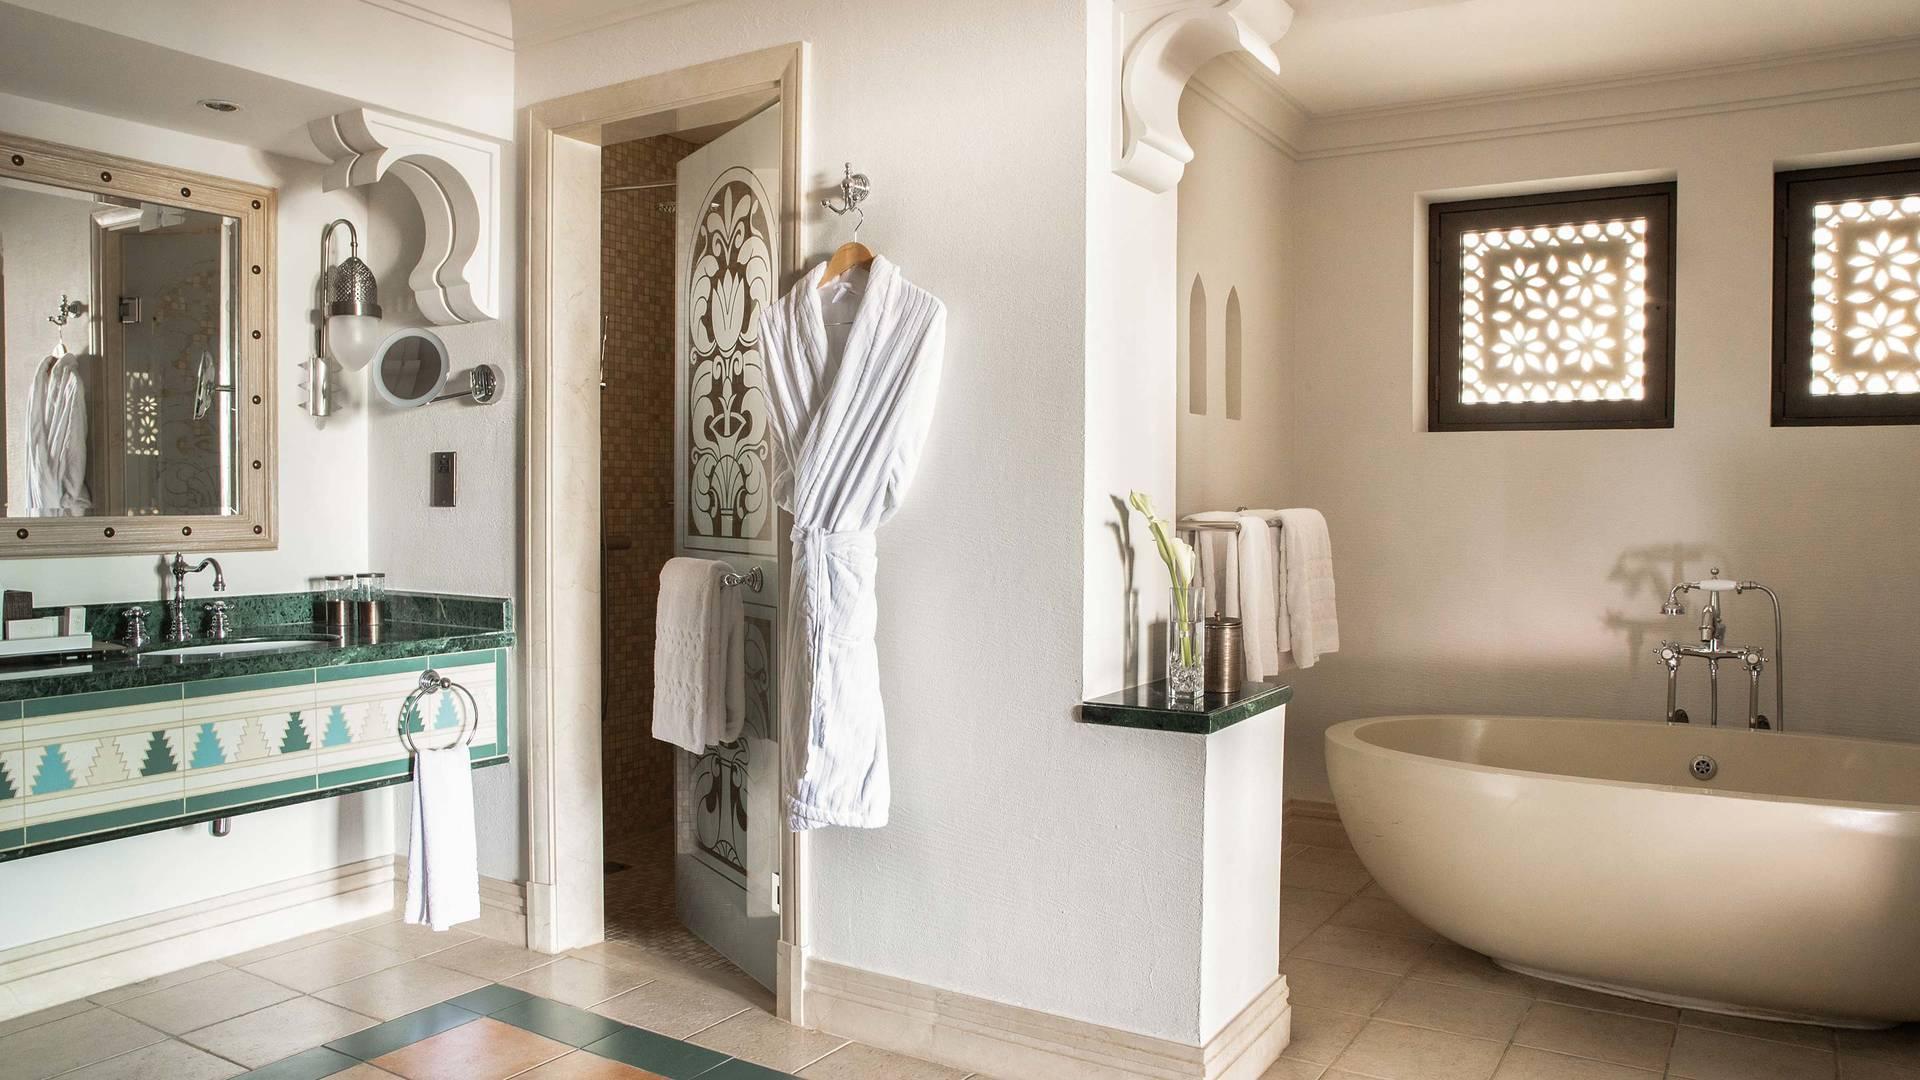 Jumeirah Dar Al Masyaf gulf summerhouse arabian deluxe bathroom_16-9